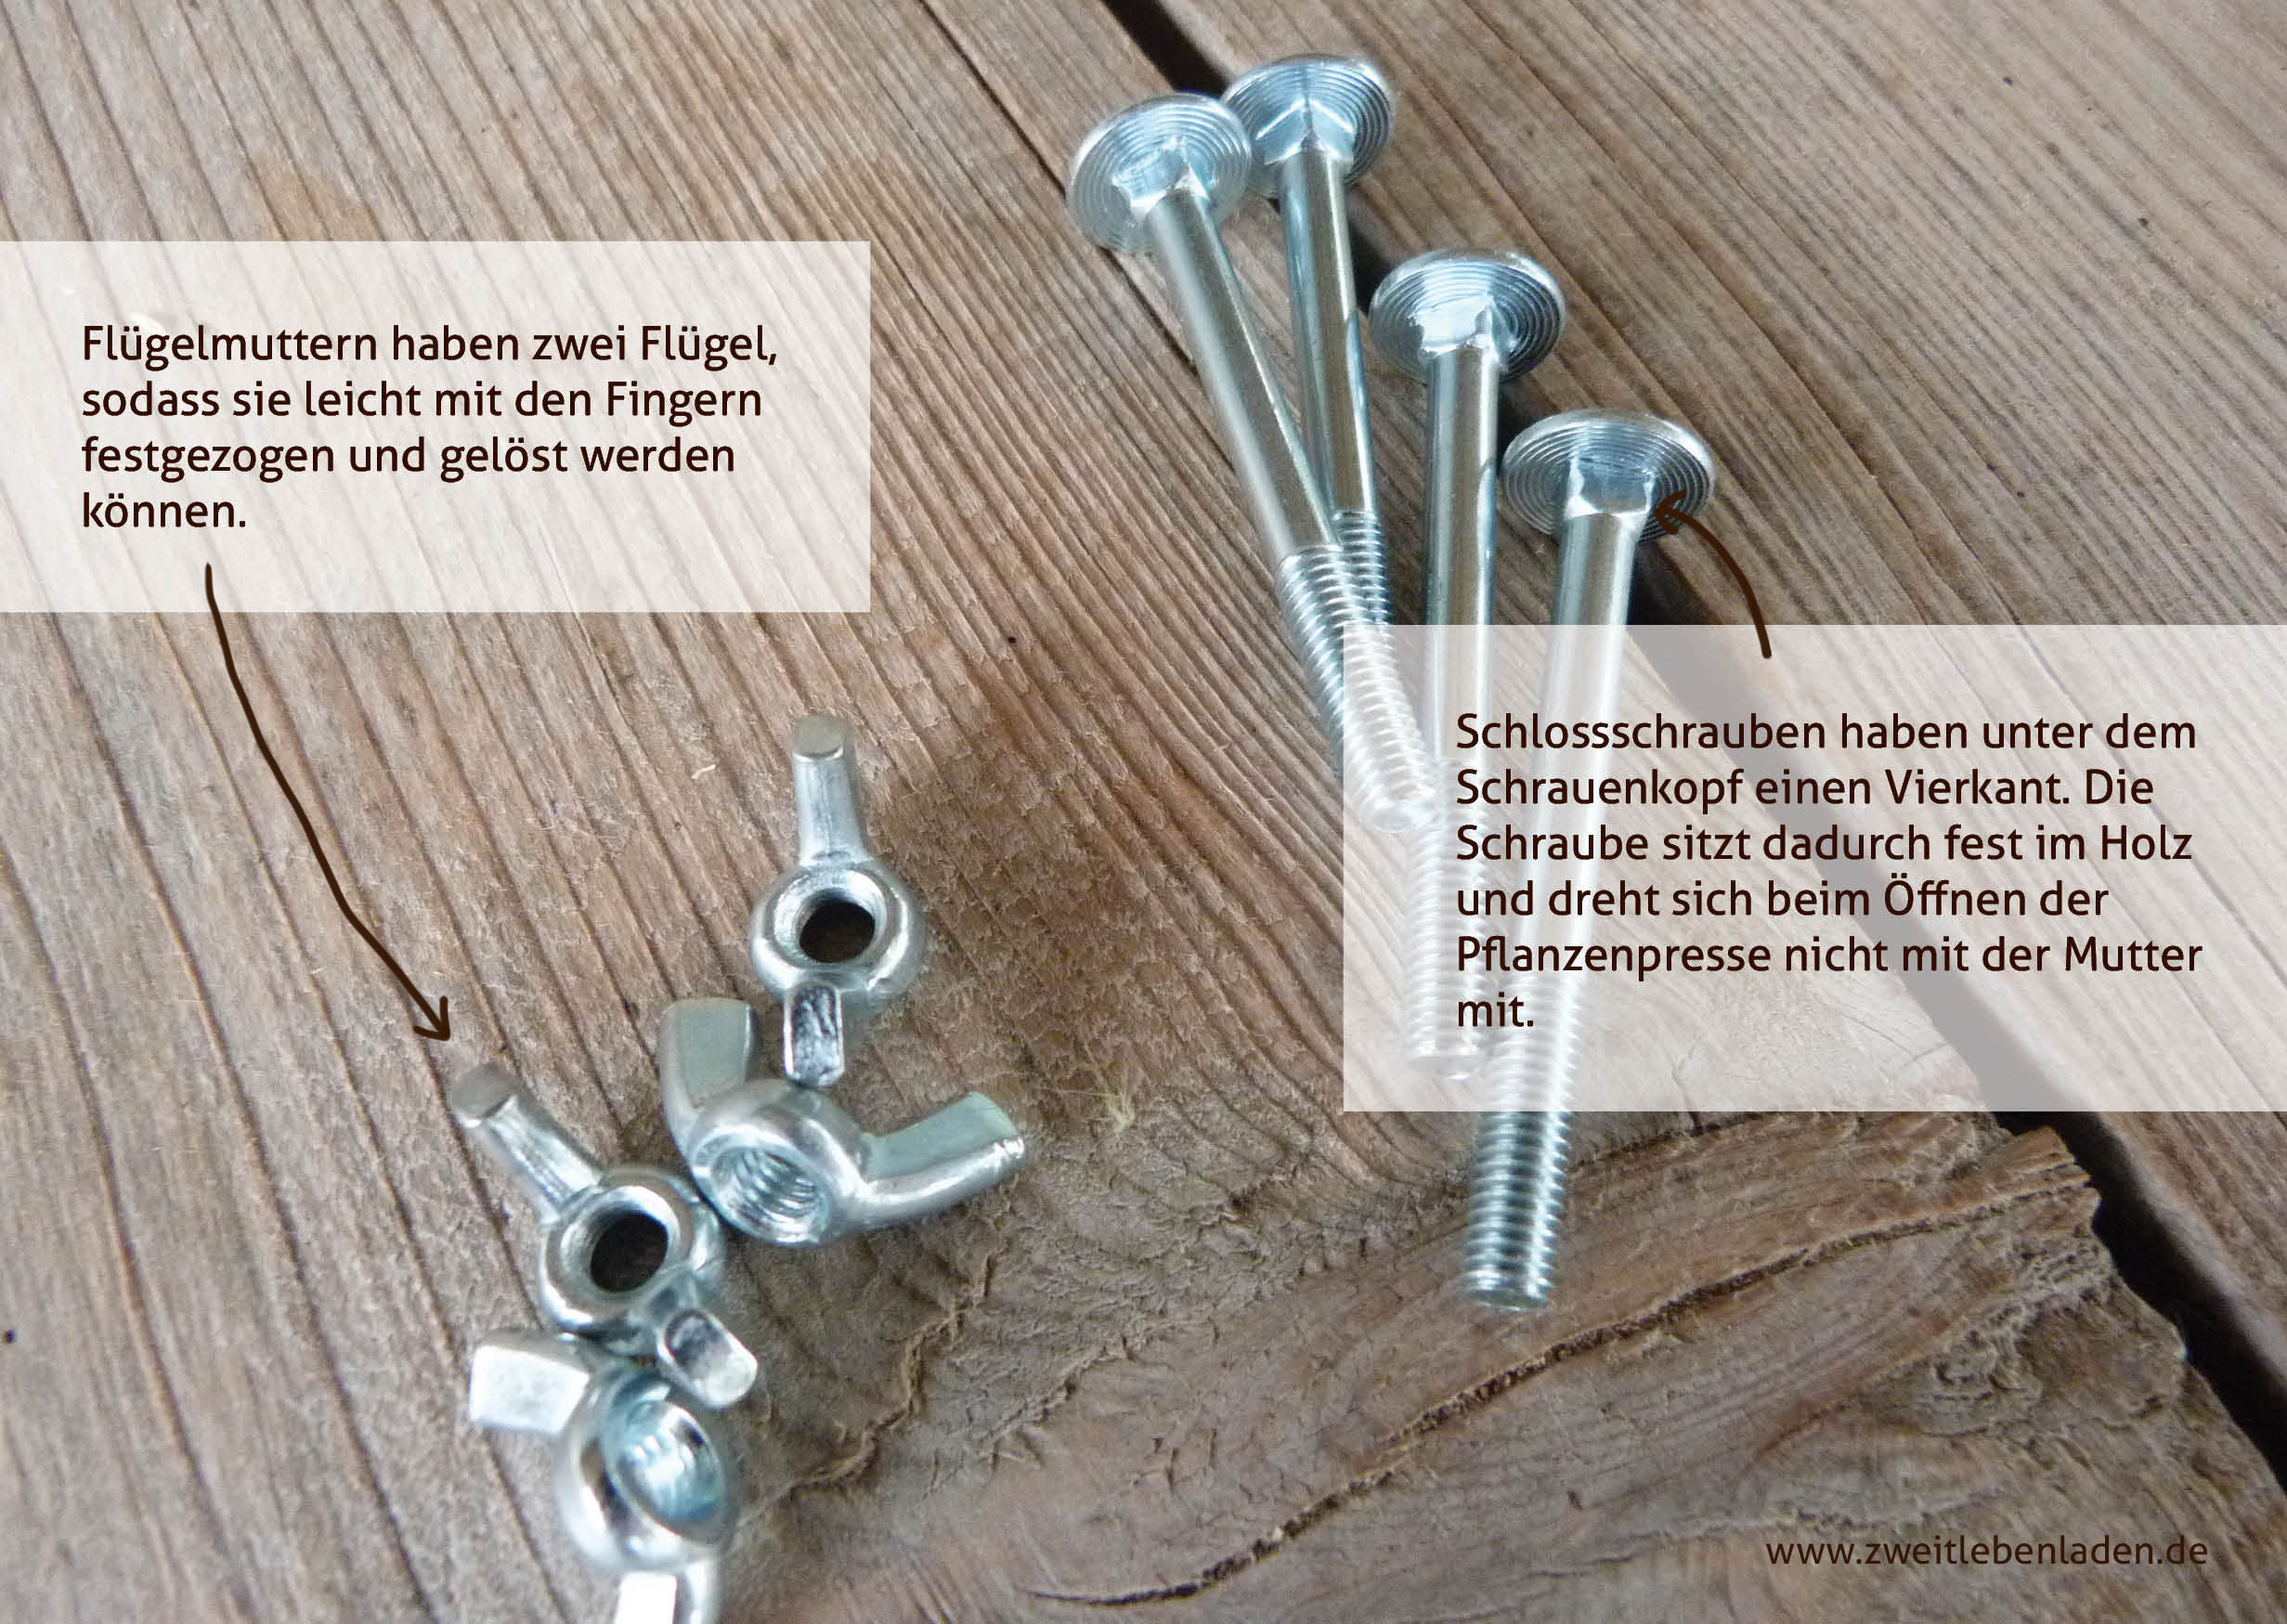 Herbarium - Pflanzenpresse - Flügelmuttern und Schlossschrauben